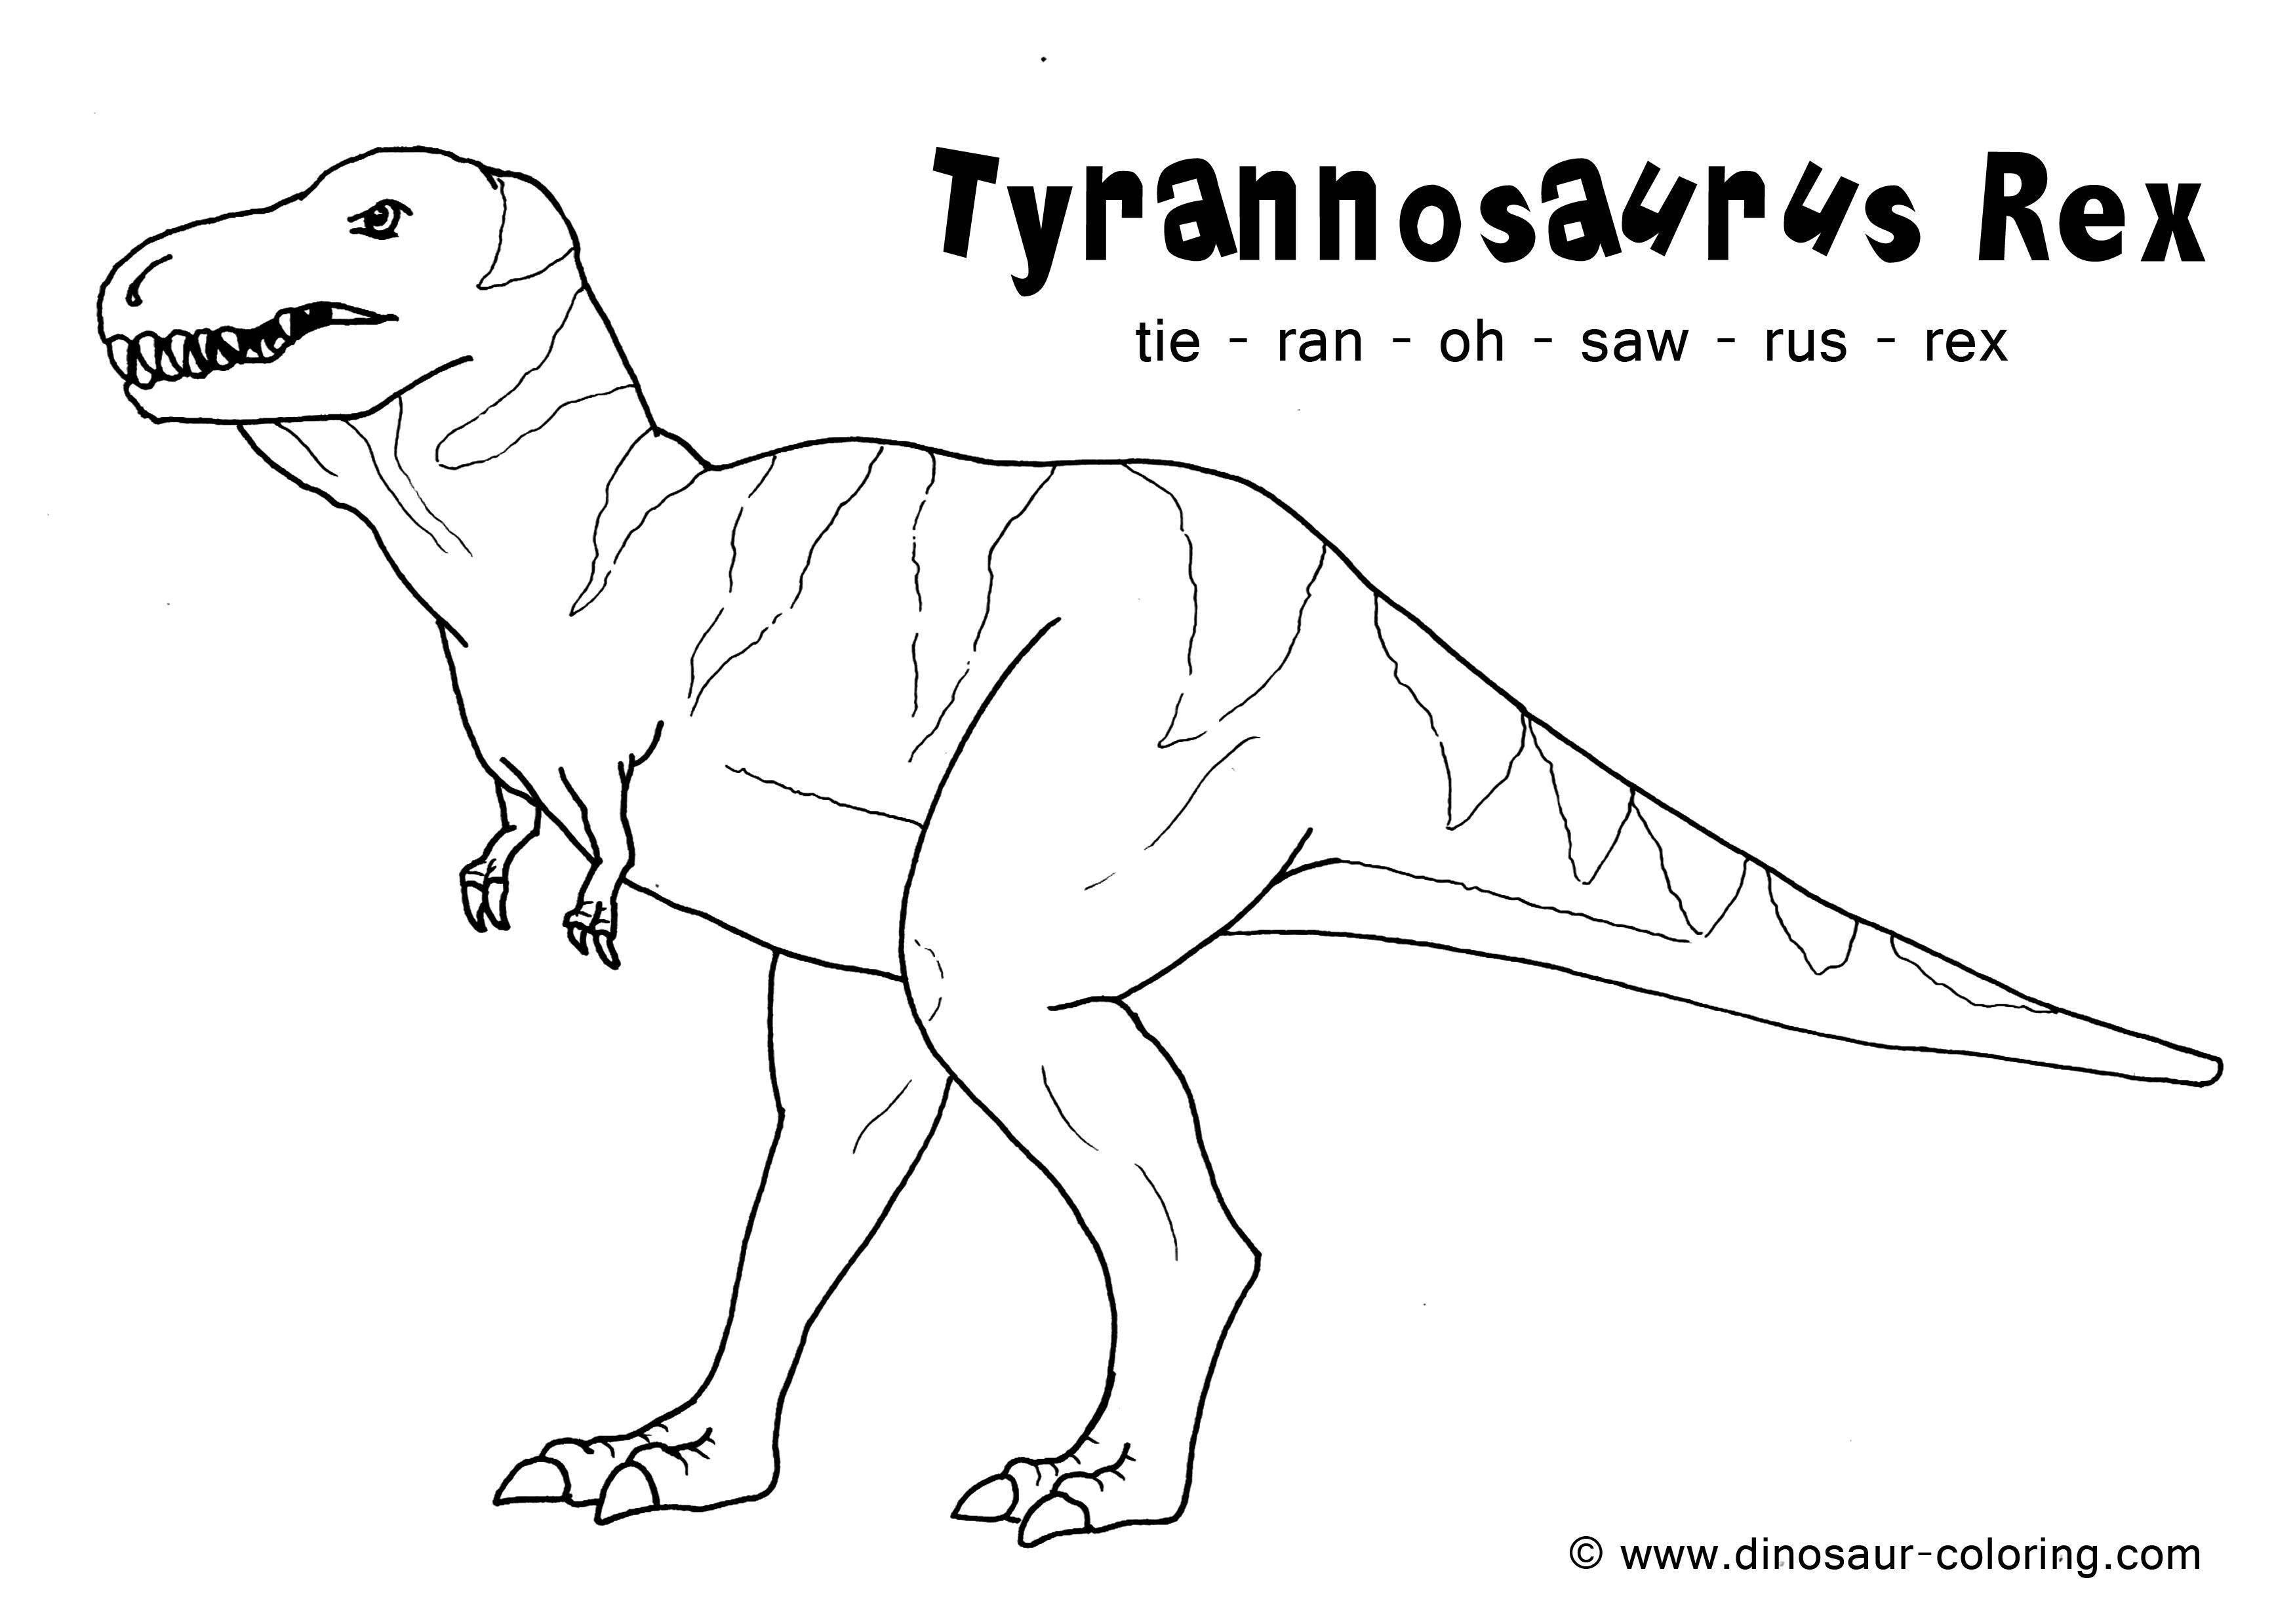 Coloring Tyrannosaurus Rex. Category dinosaur. Tags:  Dinosaurs.